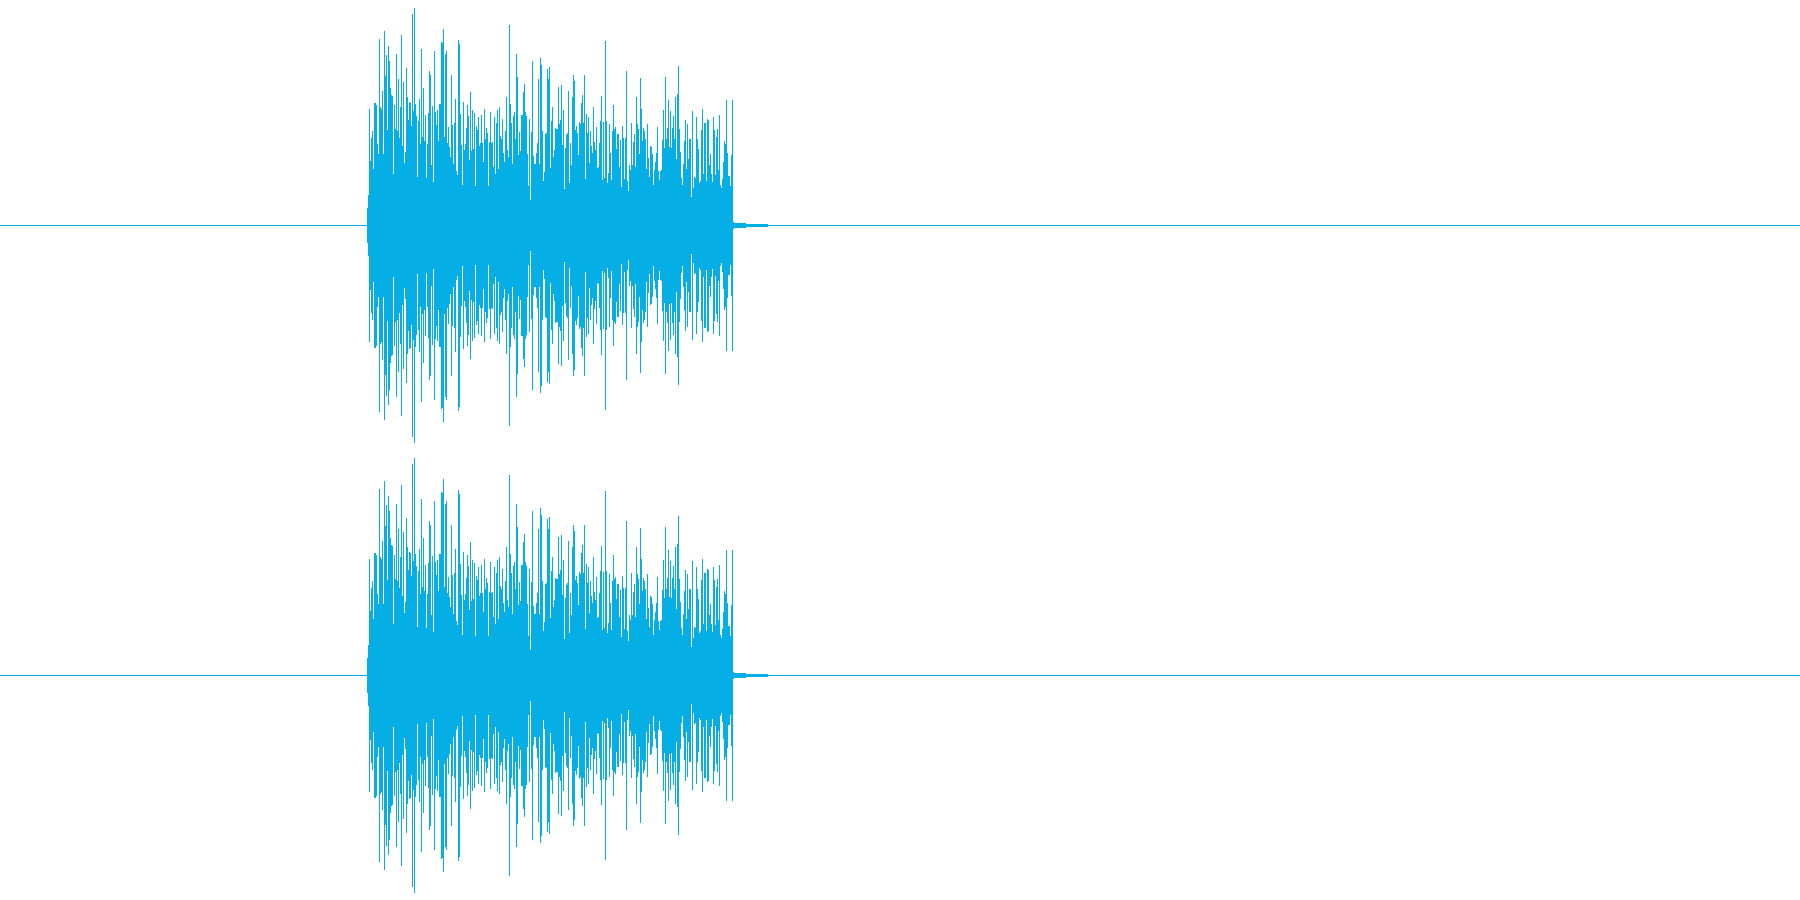 爆発音 昔のゲームの爆発音2の再生済みの波形